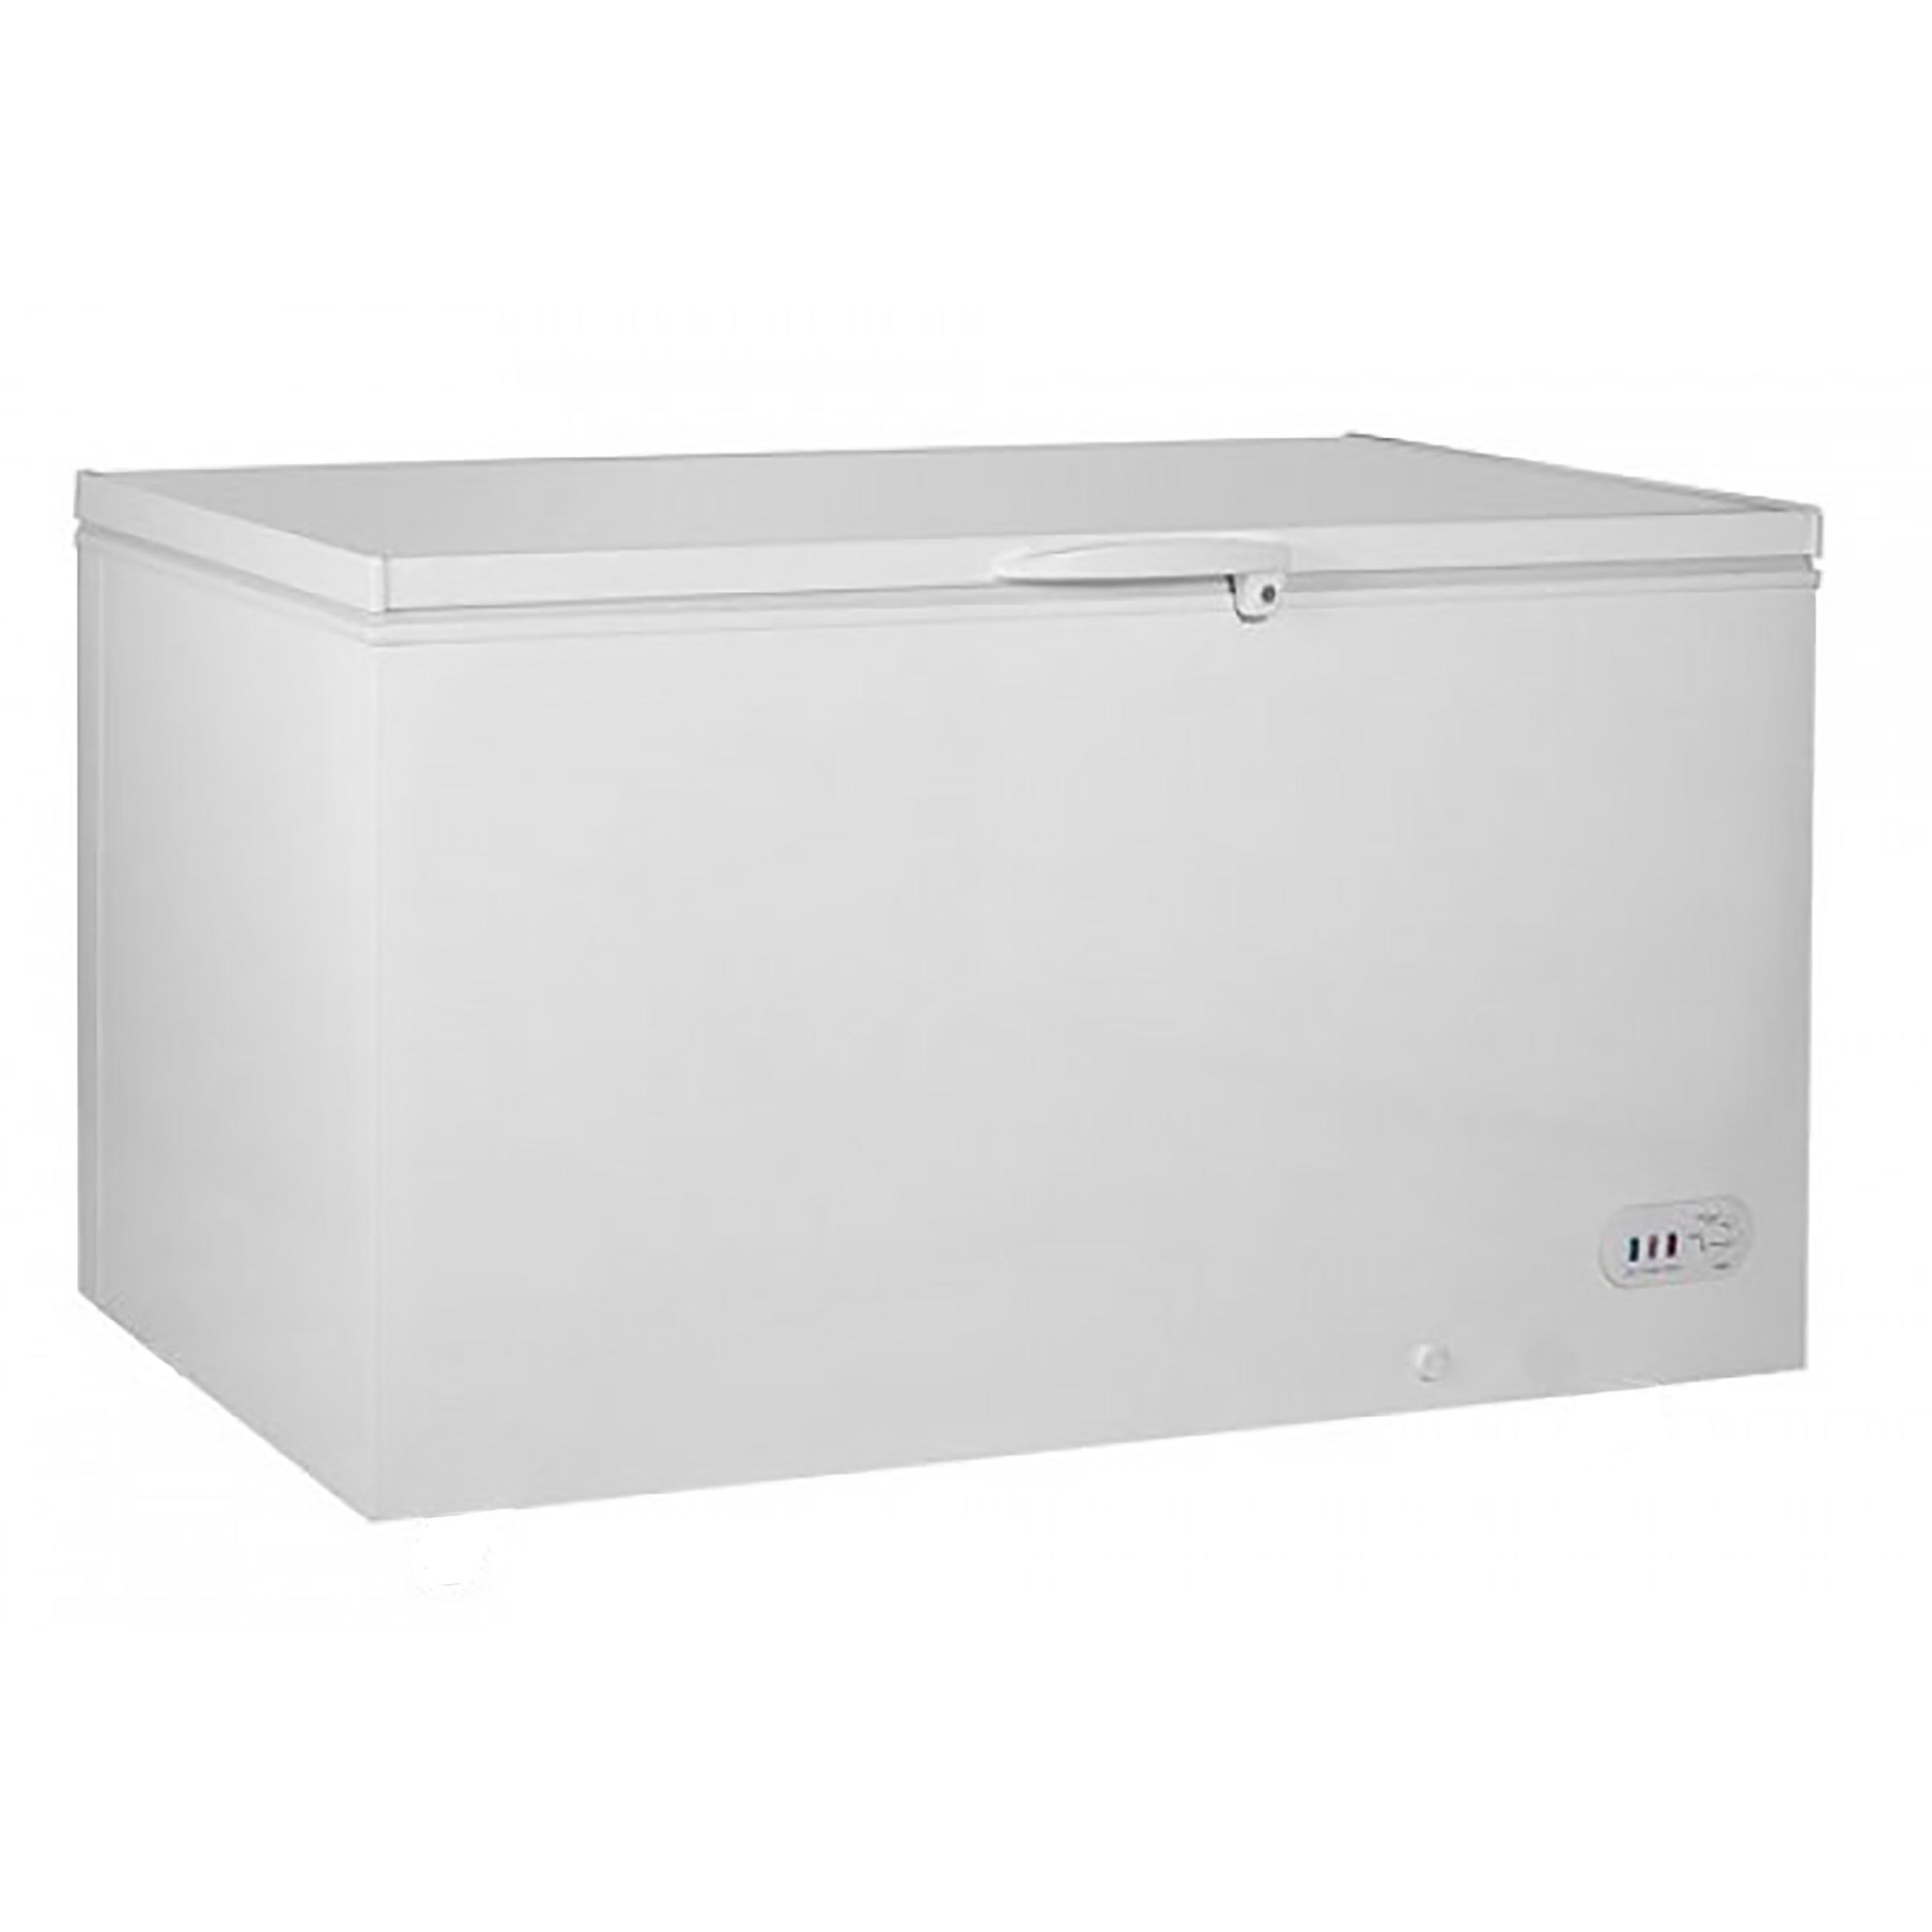 Adcraft (Admiral Craft Equipment) BDCF-10R chest freezer